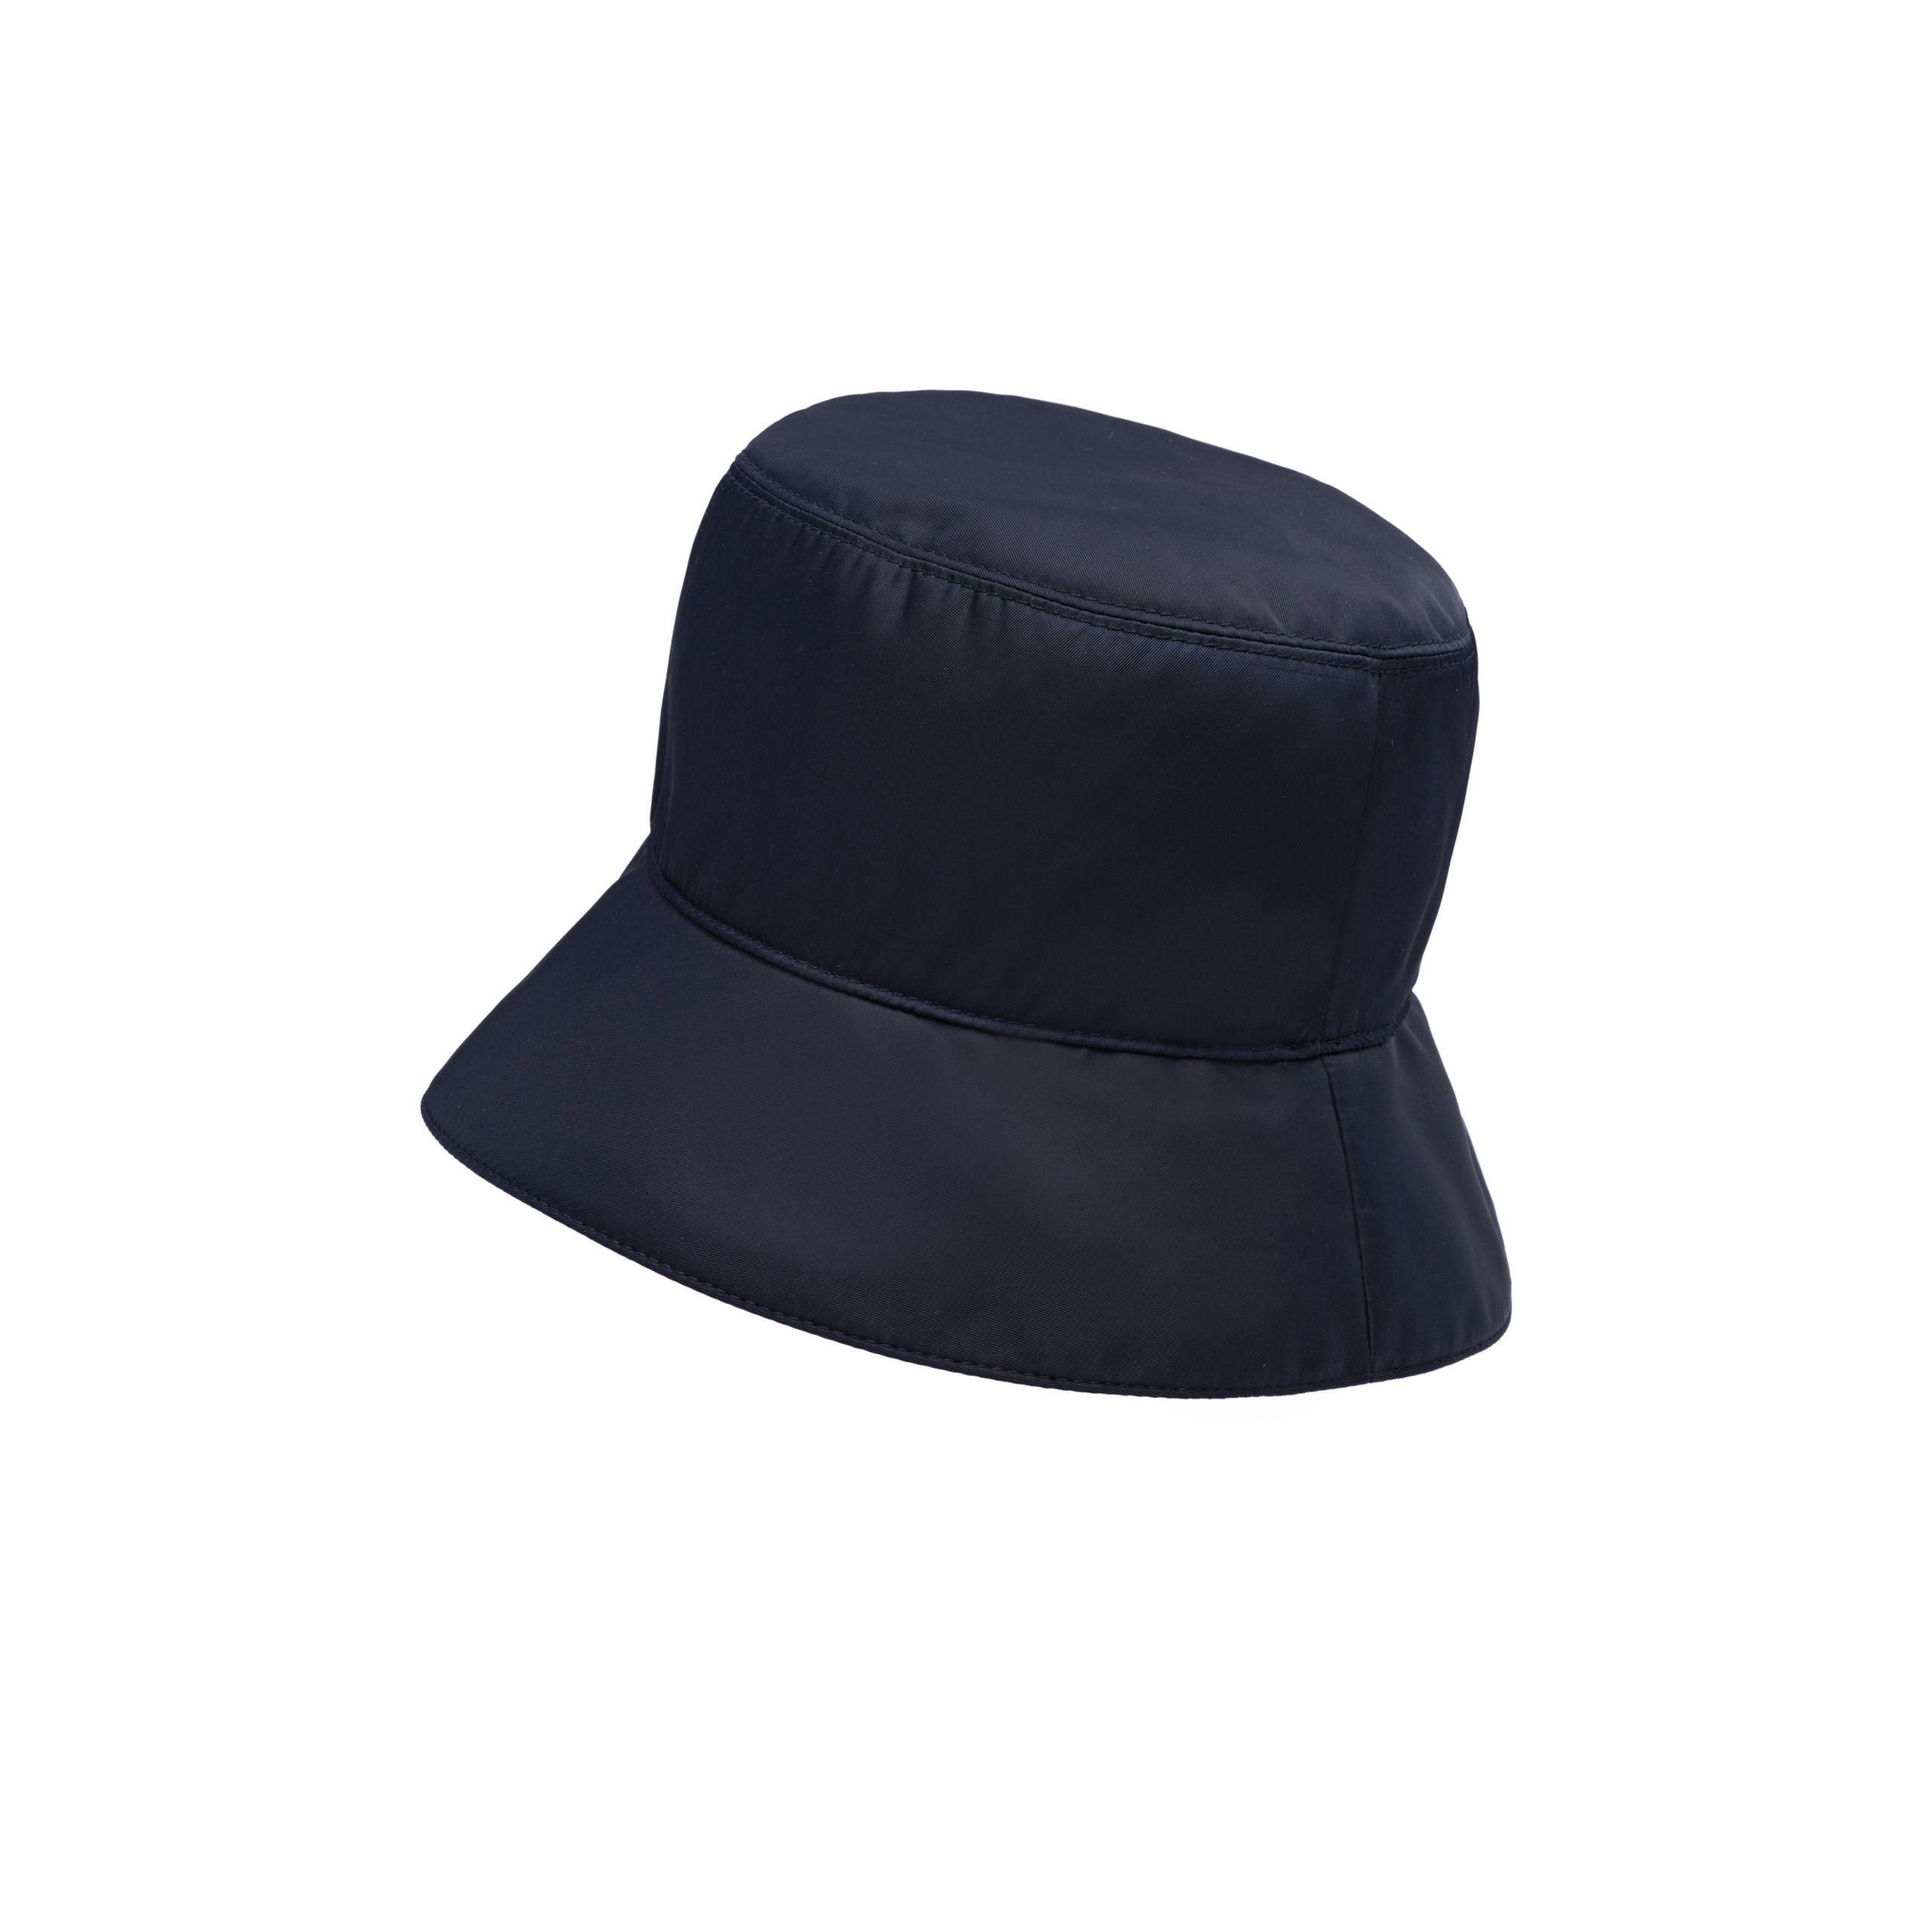 Lyst - Prada Nylon Rain Hat in Blue 4f5696b8517d